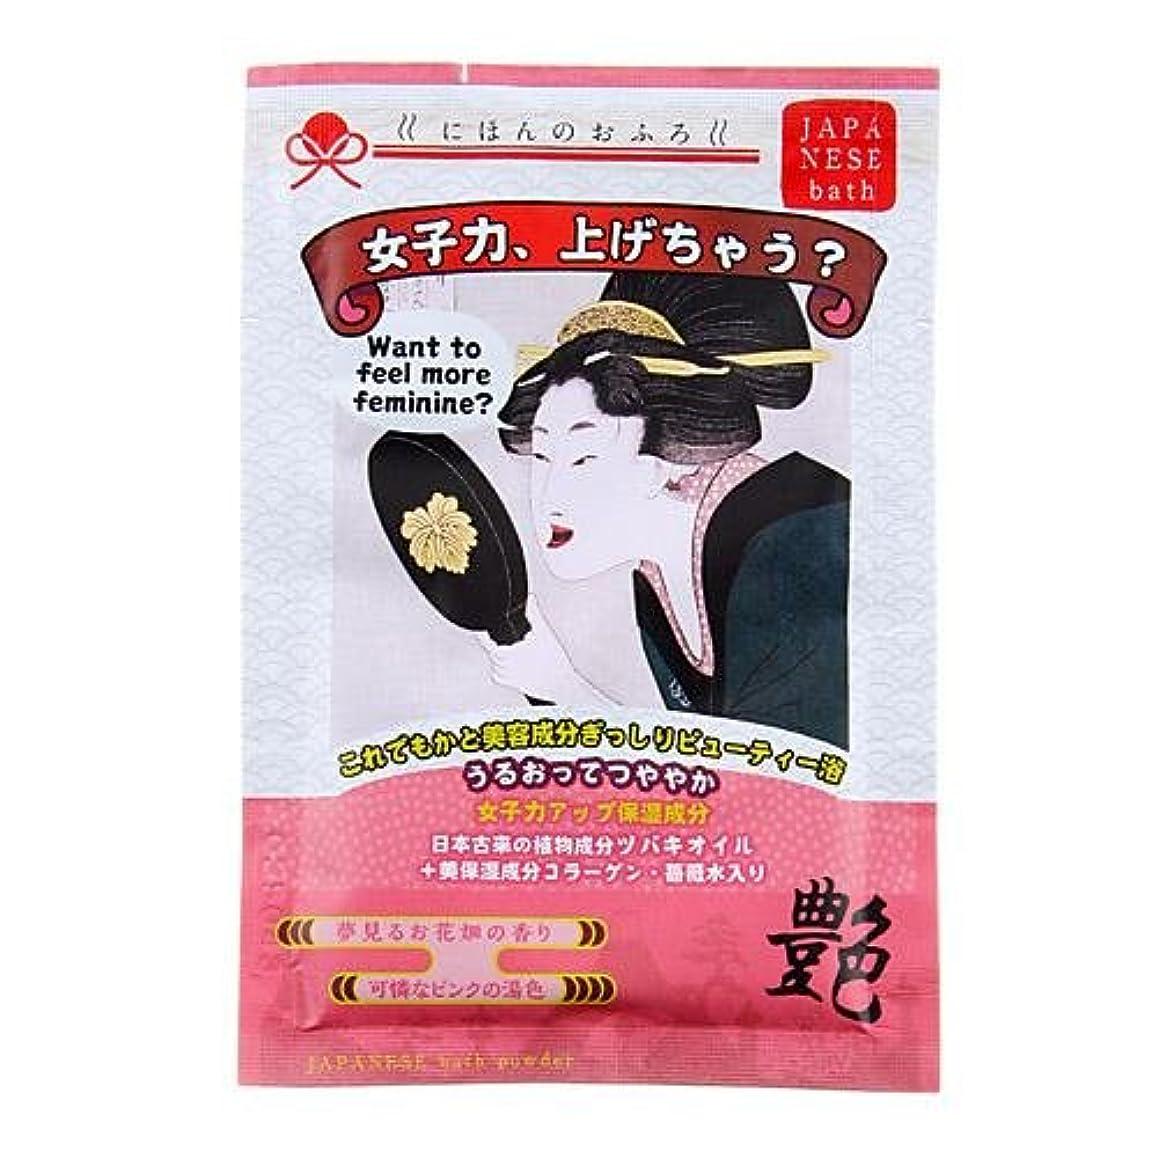 思想ガス教える日本のお風呂 「女子力、上げちゃう?」 10個セット